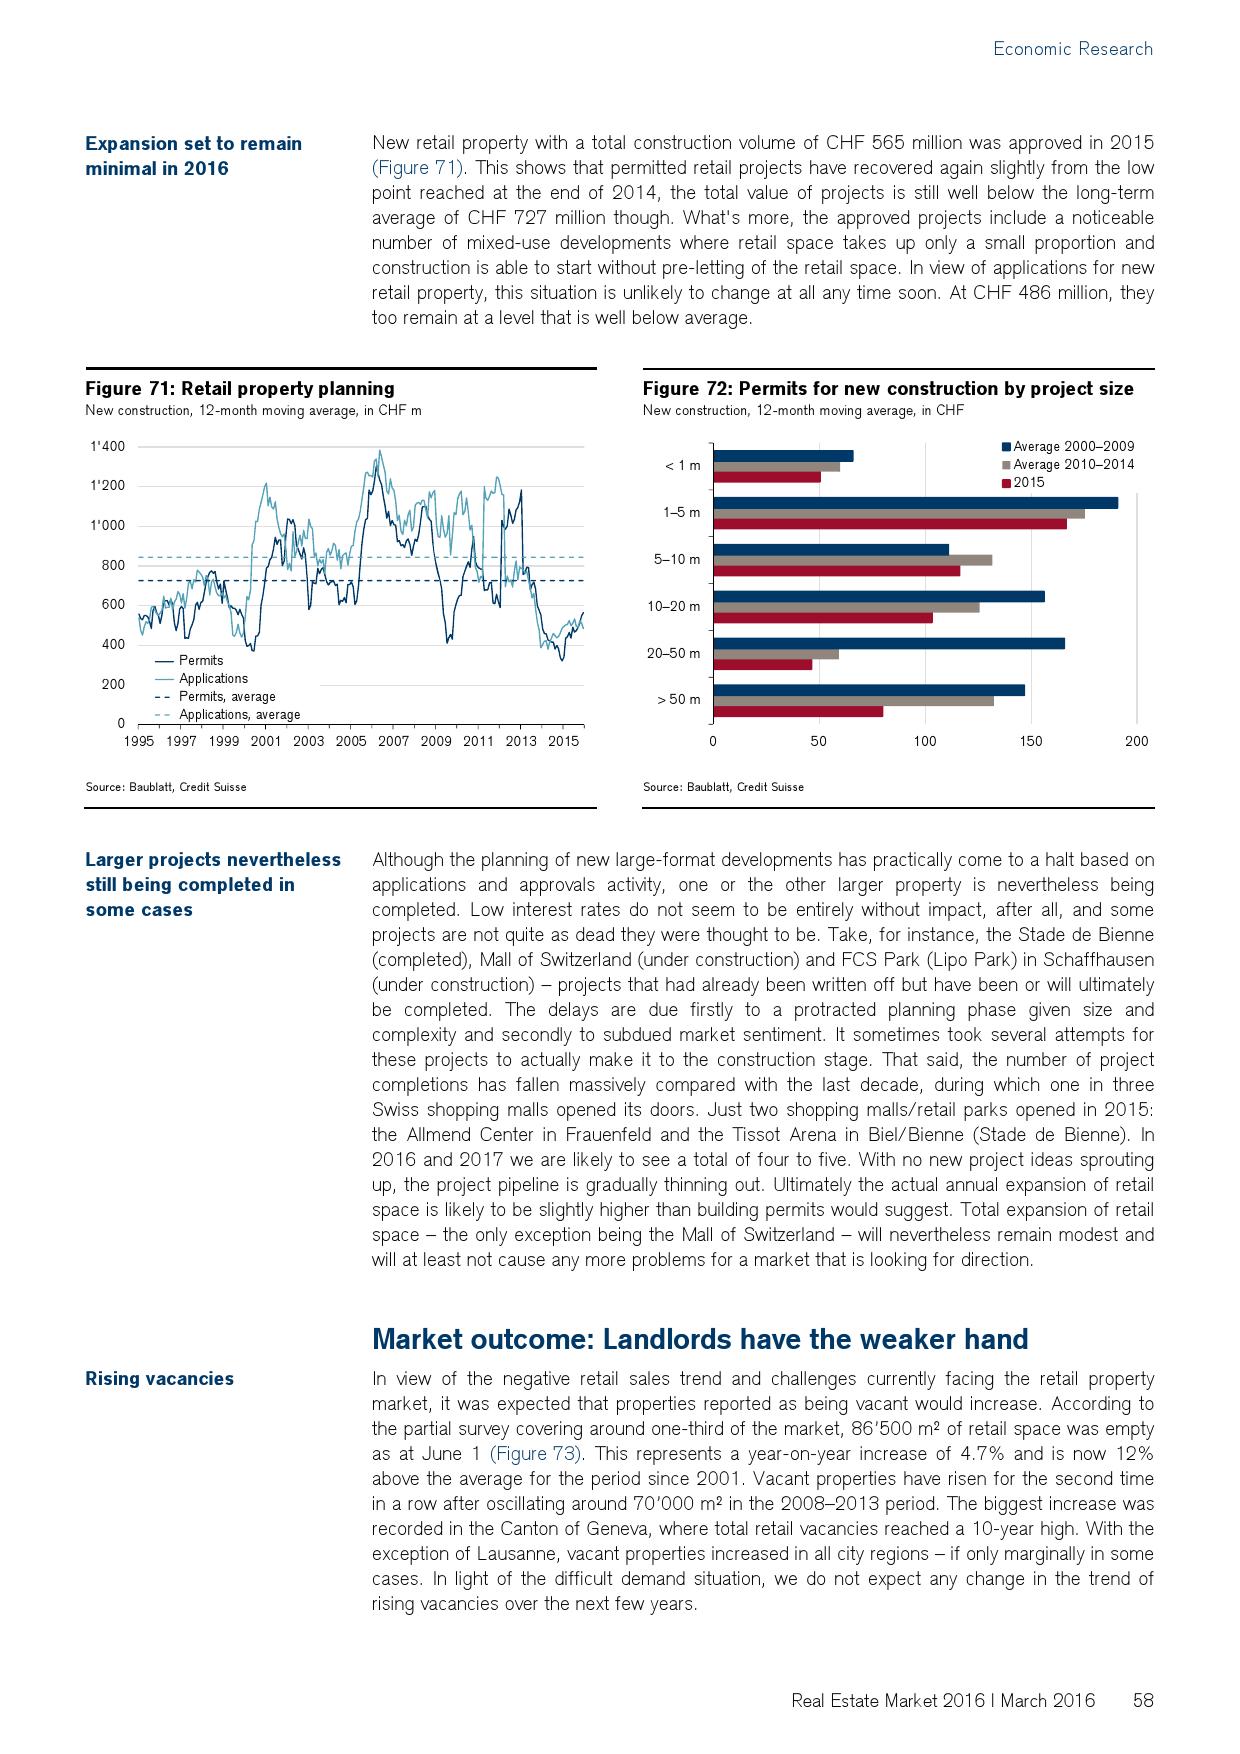 2016年瑞士房地产市场研究报告_000058